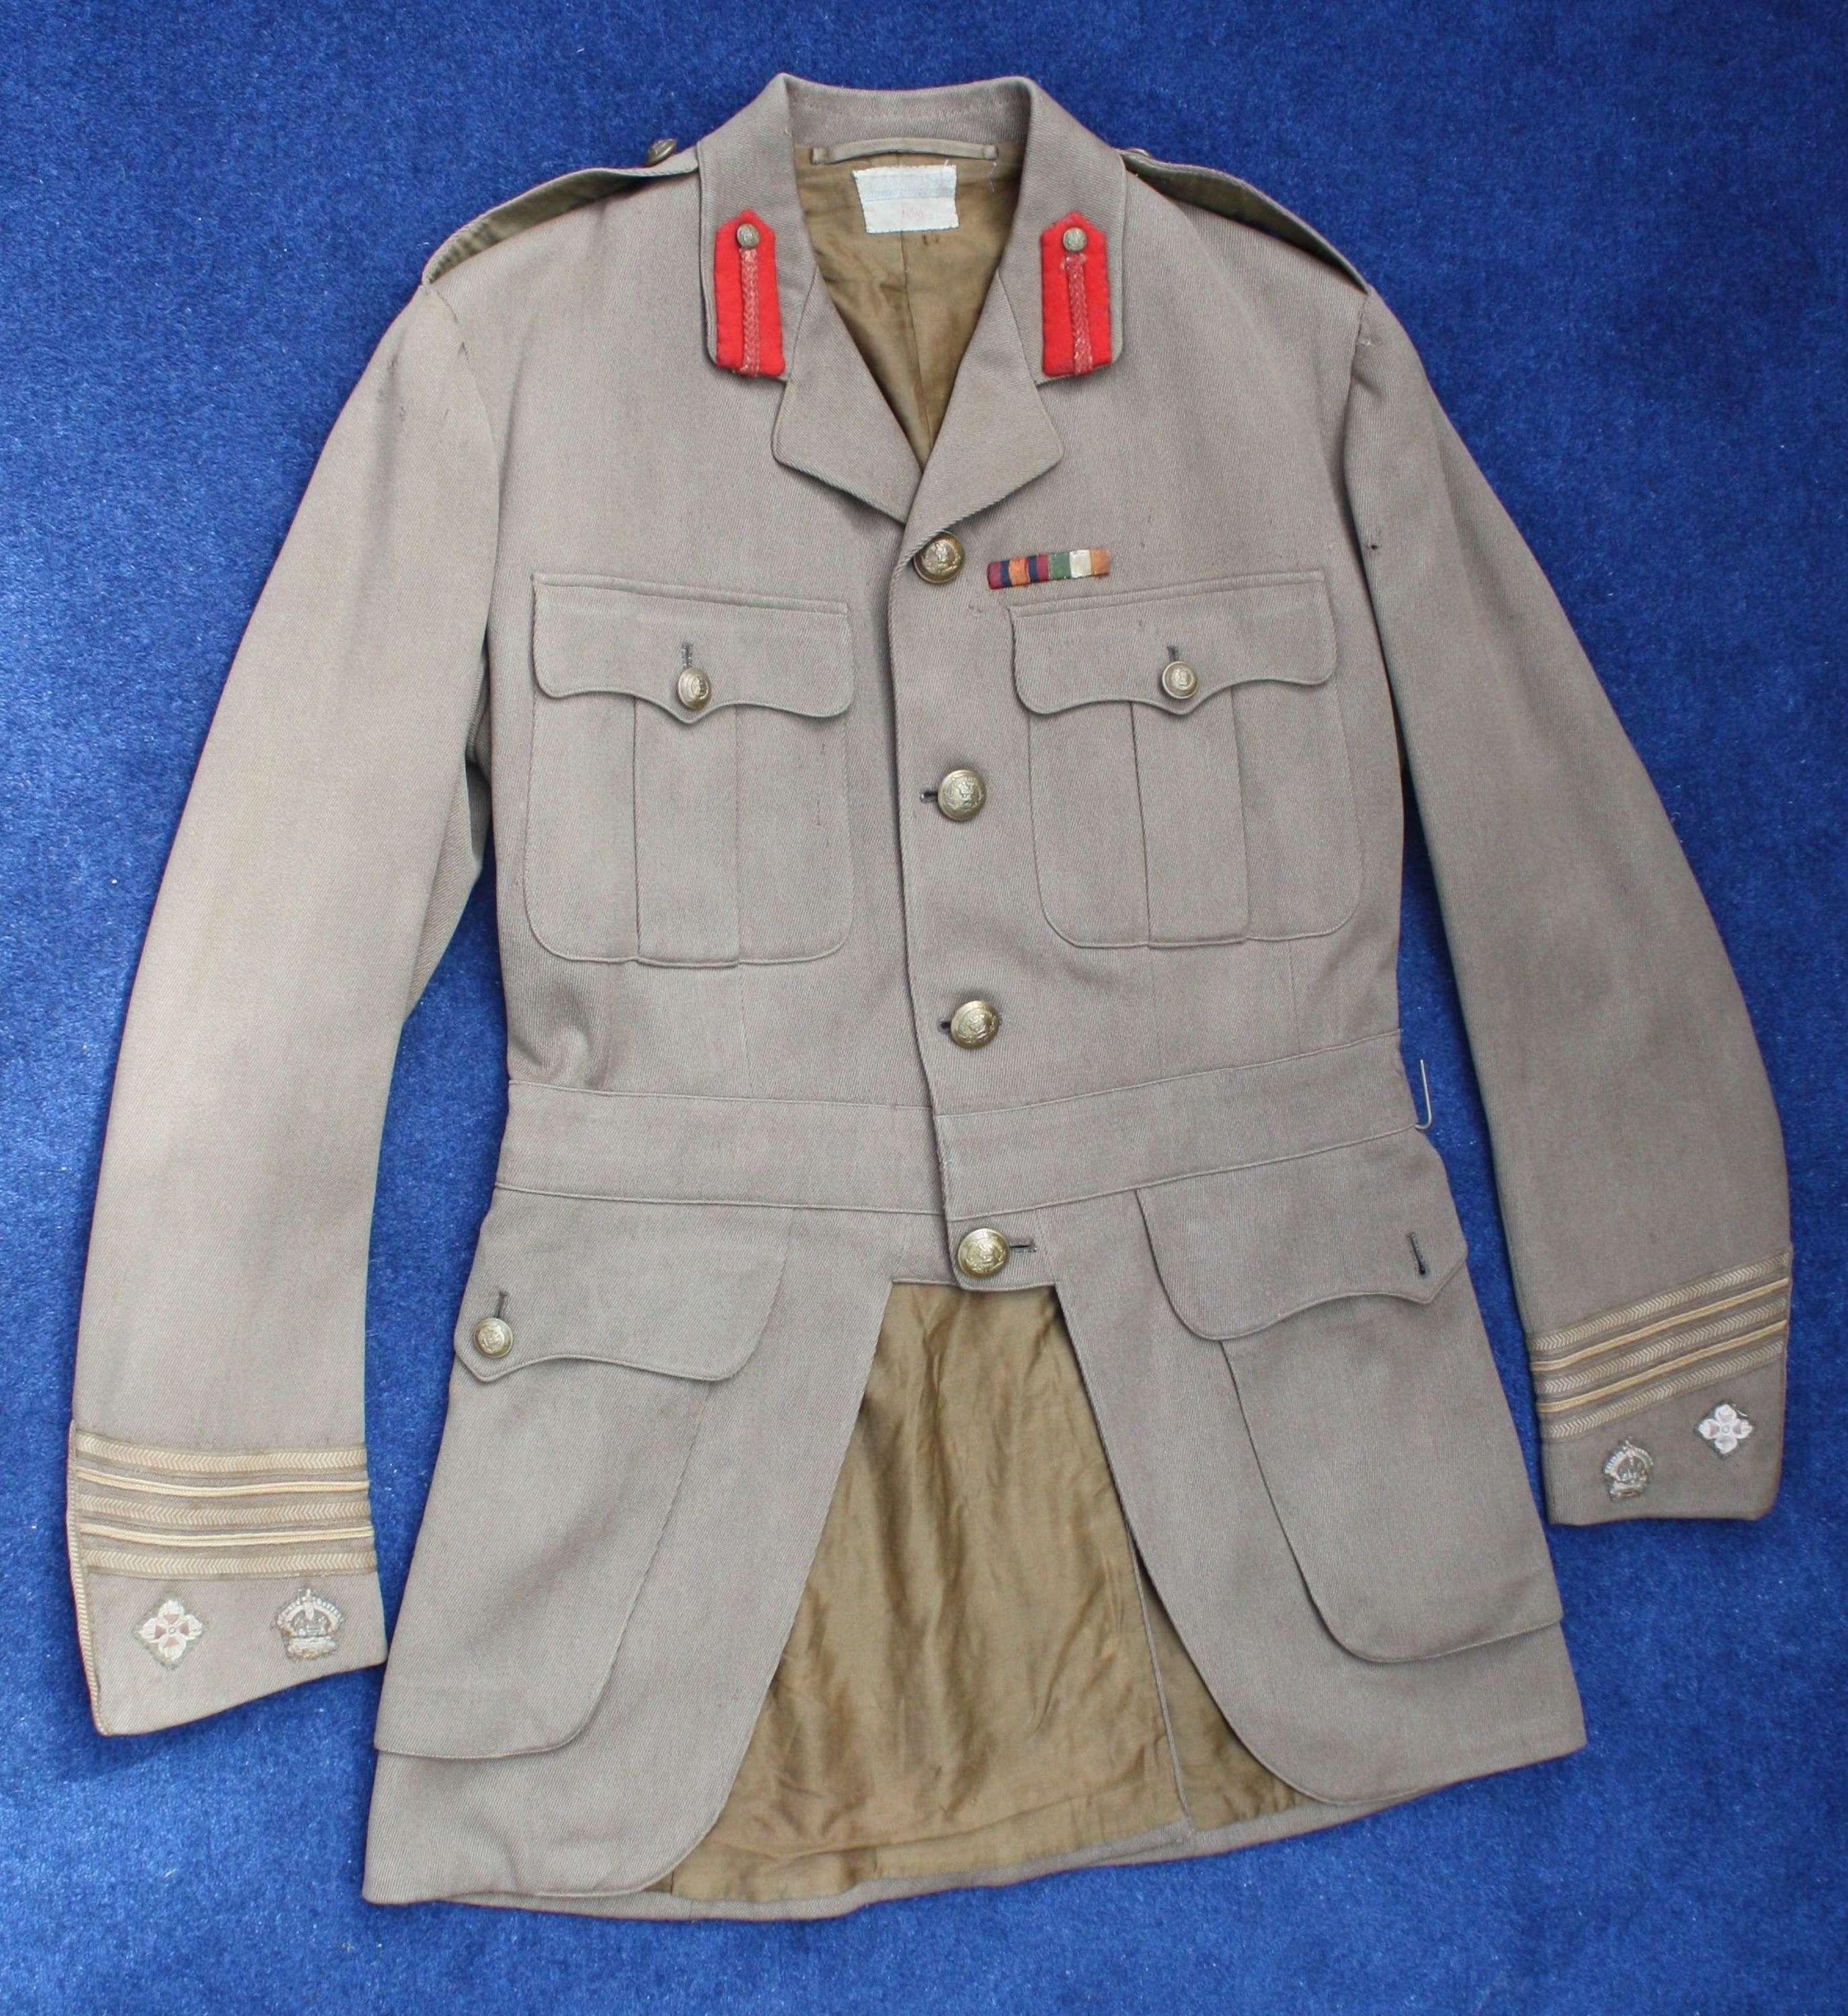 WW1 BRITISH ARMY CUFF RANK TUNIC GORDON HIGHLANDERS LIEUT COLONEL